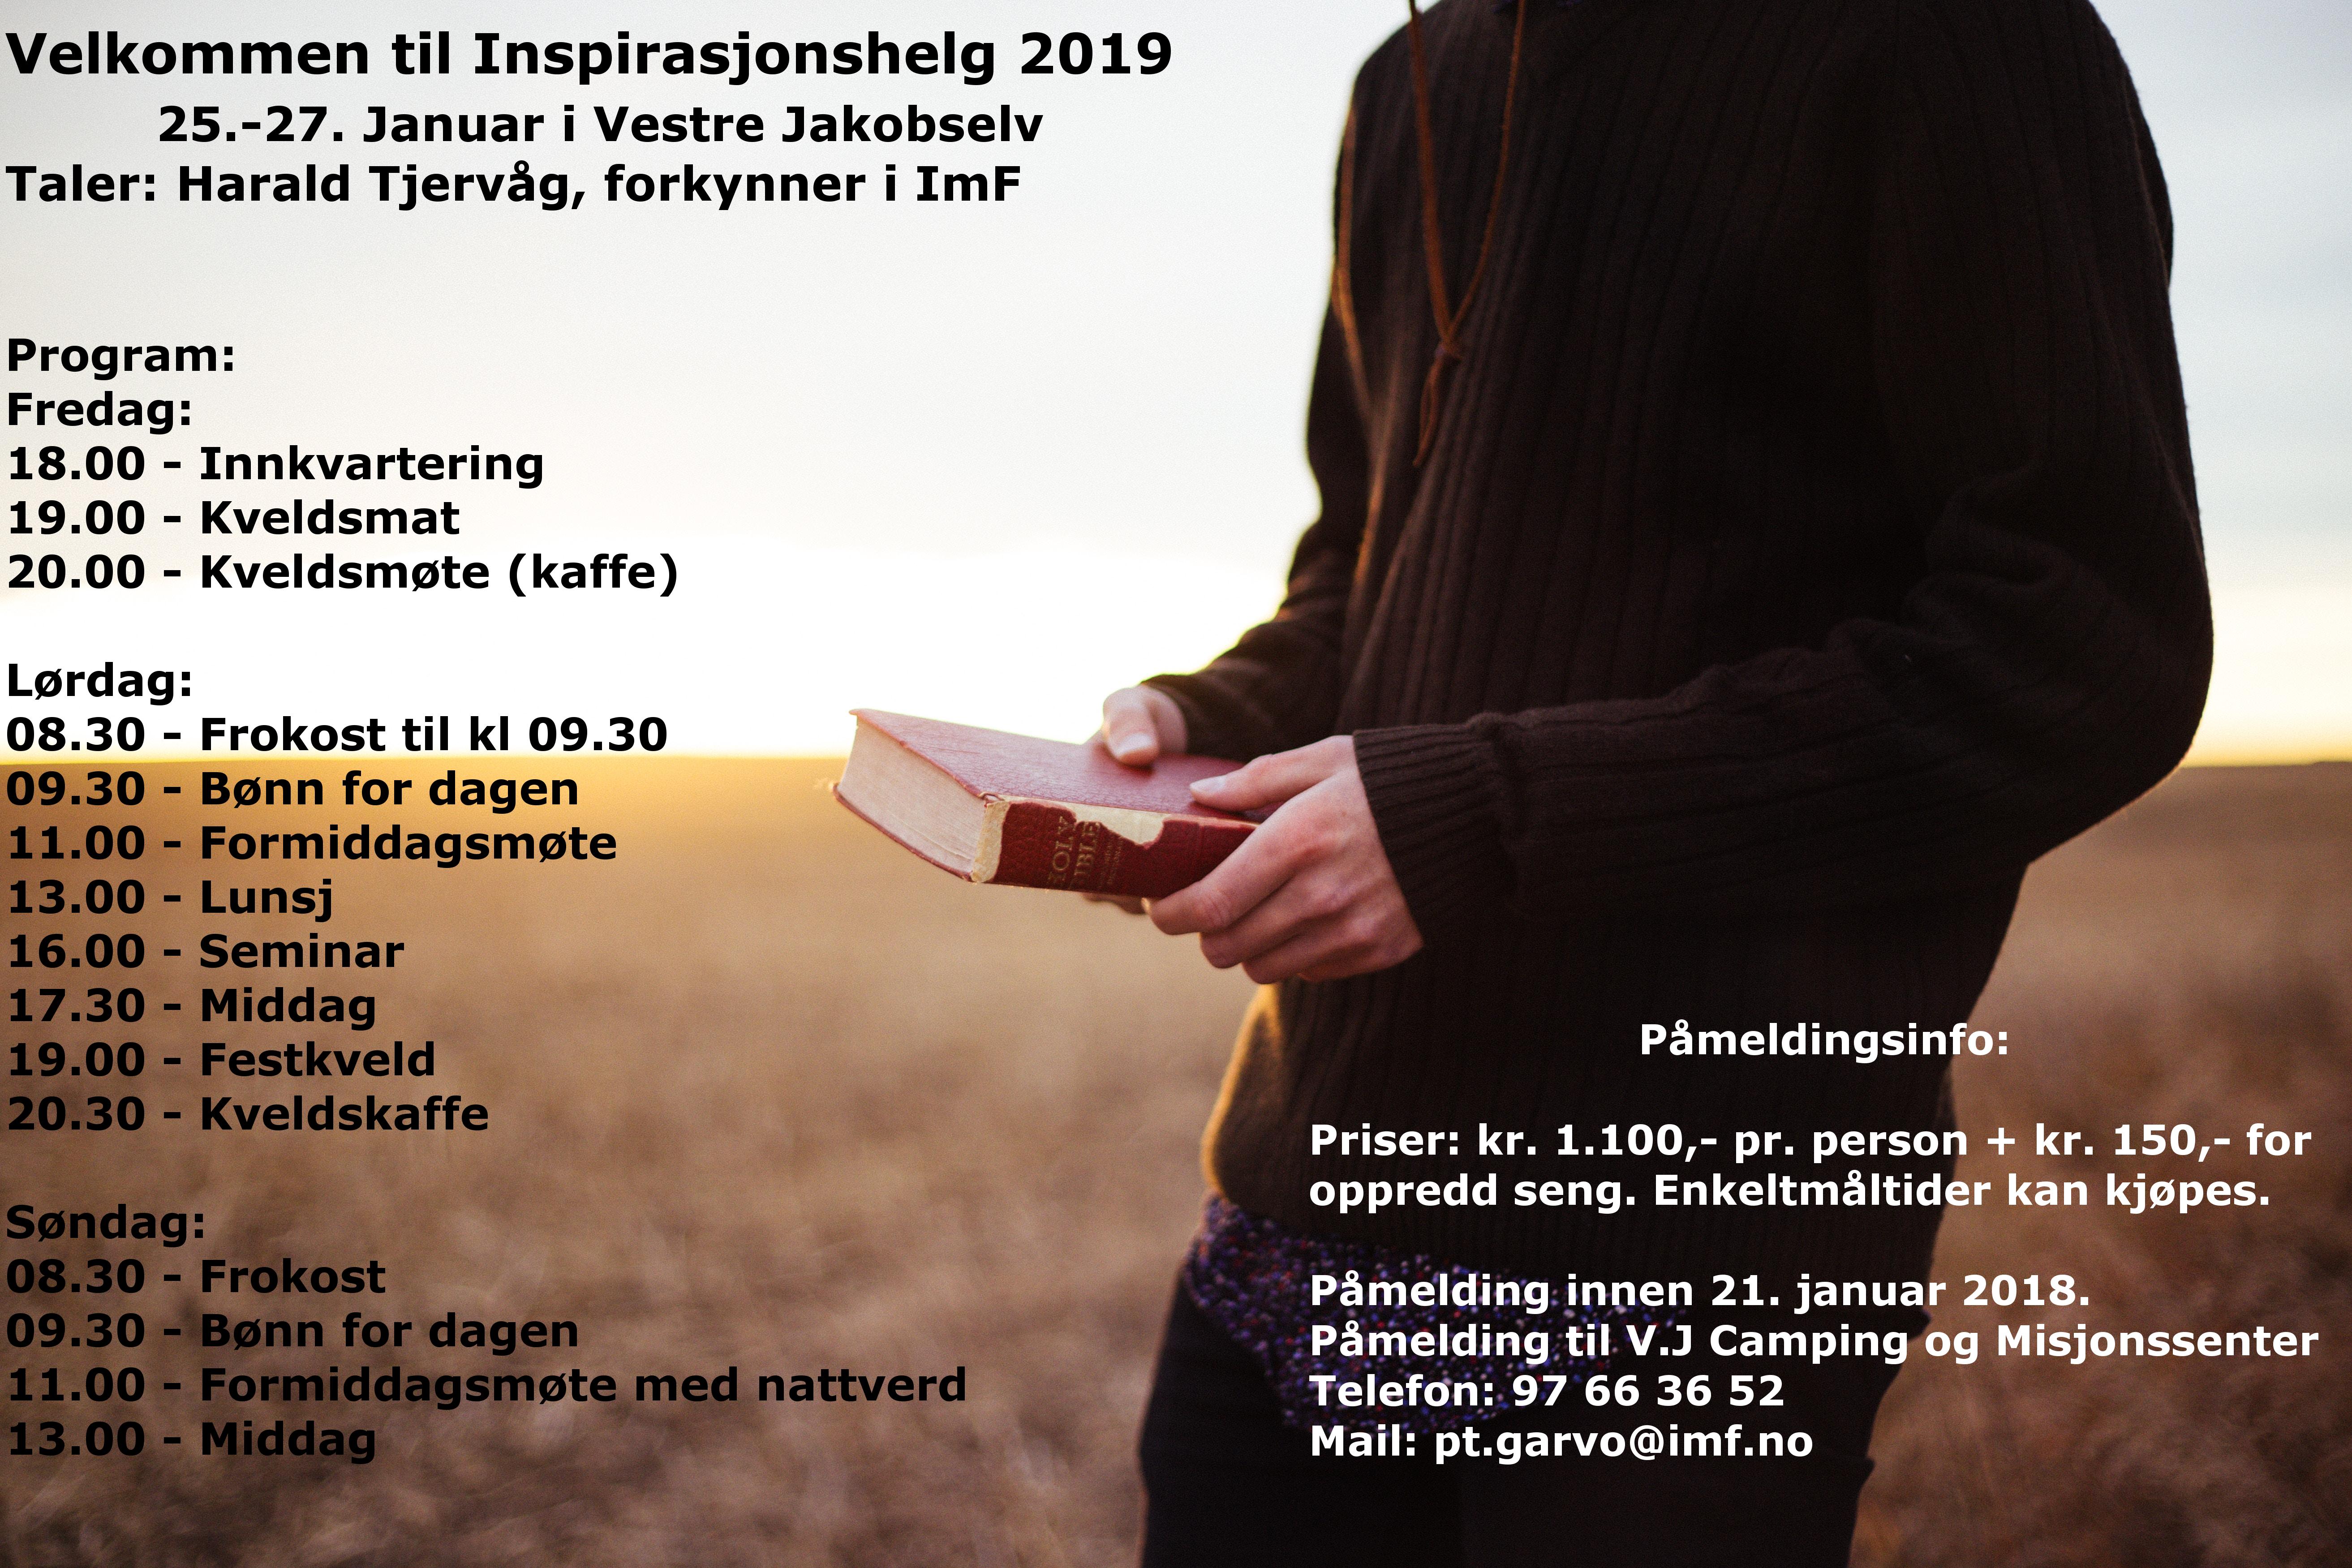 Inspirasjonshelg 2019 @ Vestre Jakobselv Camping og Misjonssenter